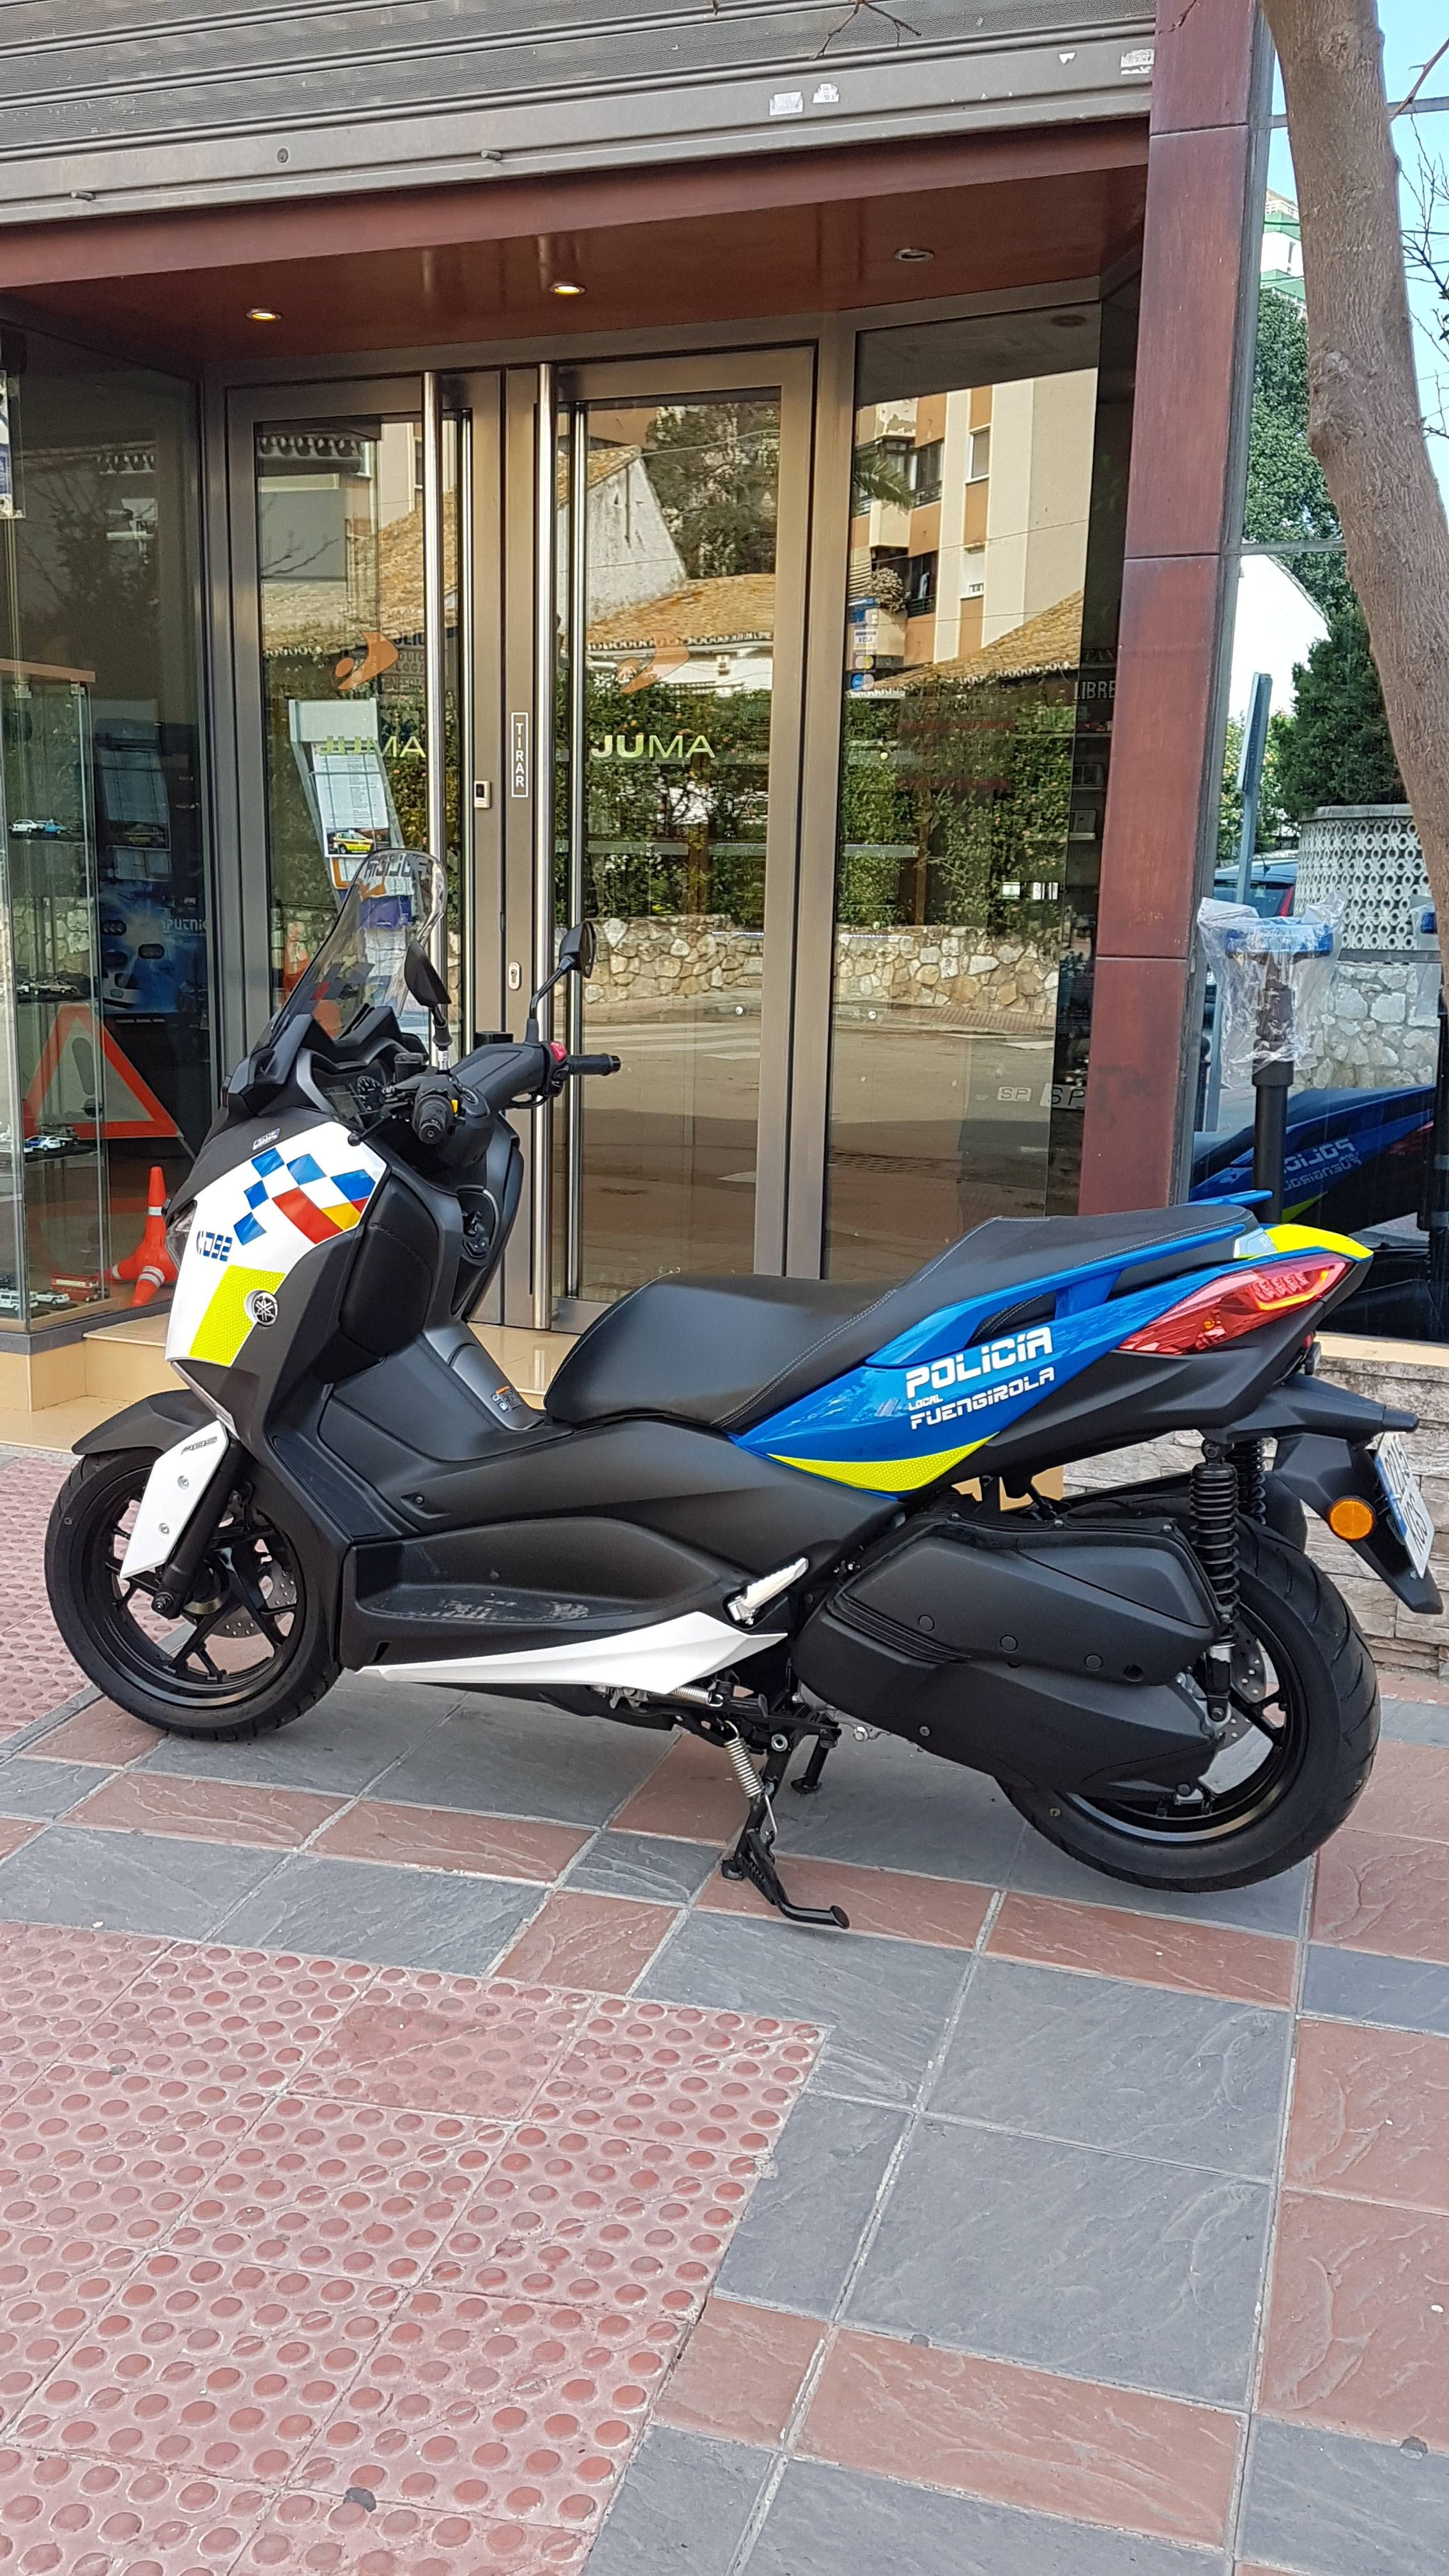 Transformación motos Policia Local Fuengirola 2018